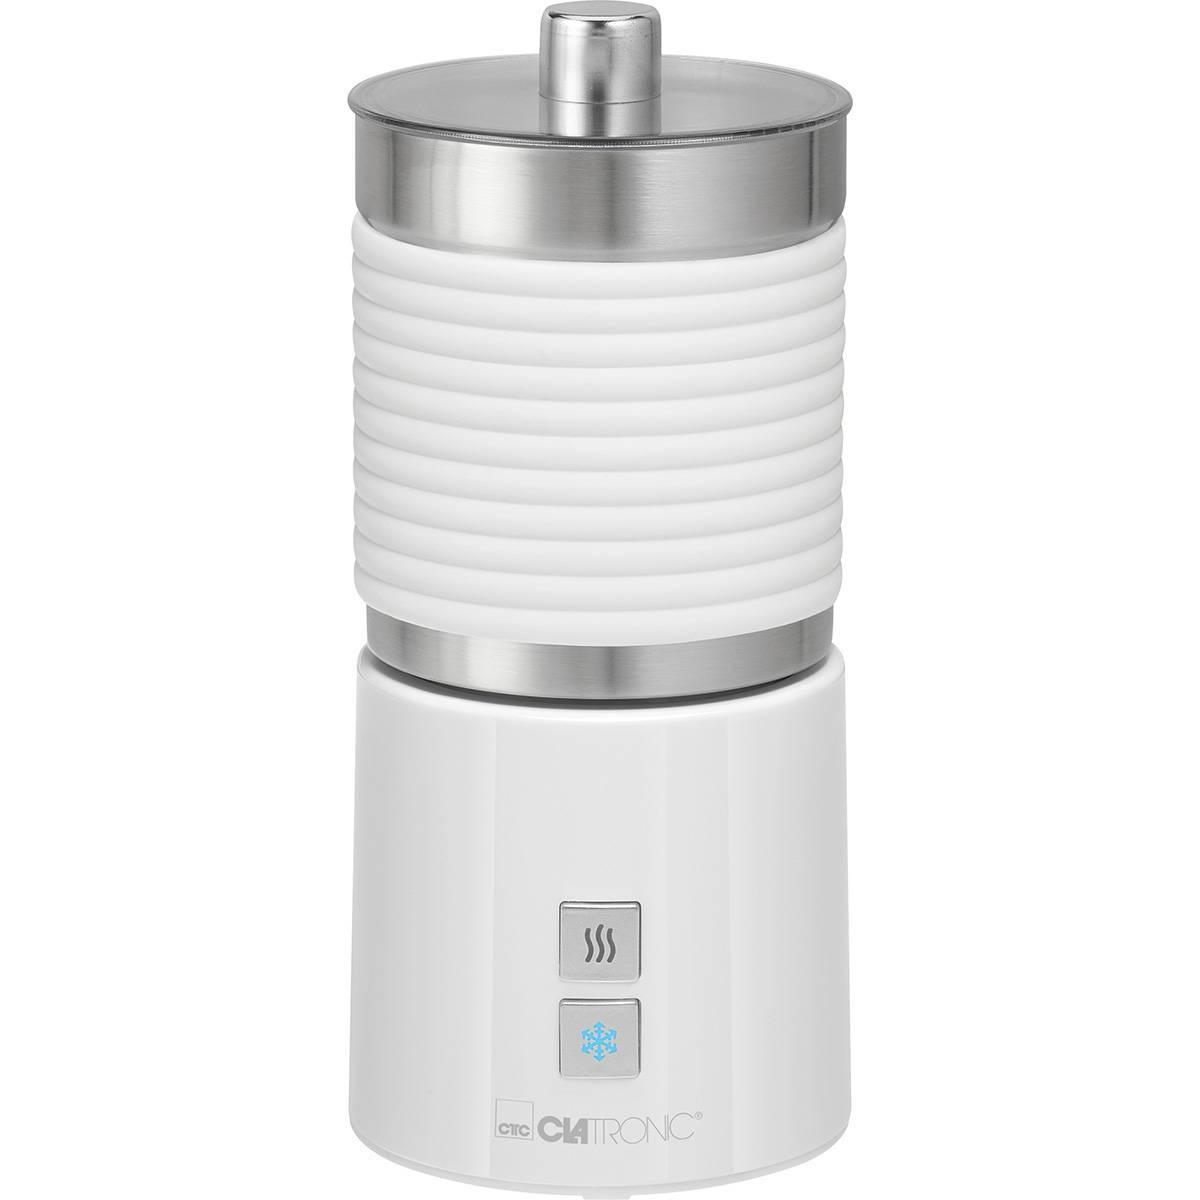 Clatronic Mousseur à lait électrique Chaude et Froide ou Lait Chauffan 700ml Clatronic MS 3654